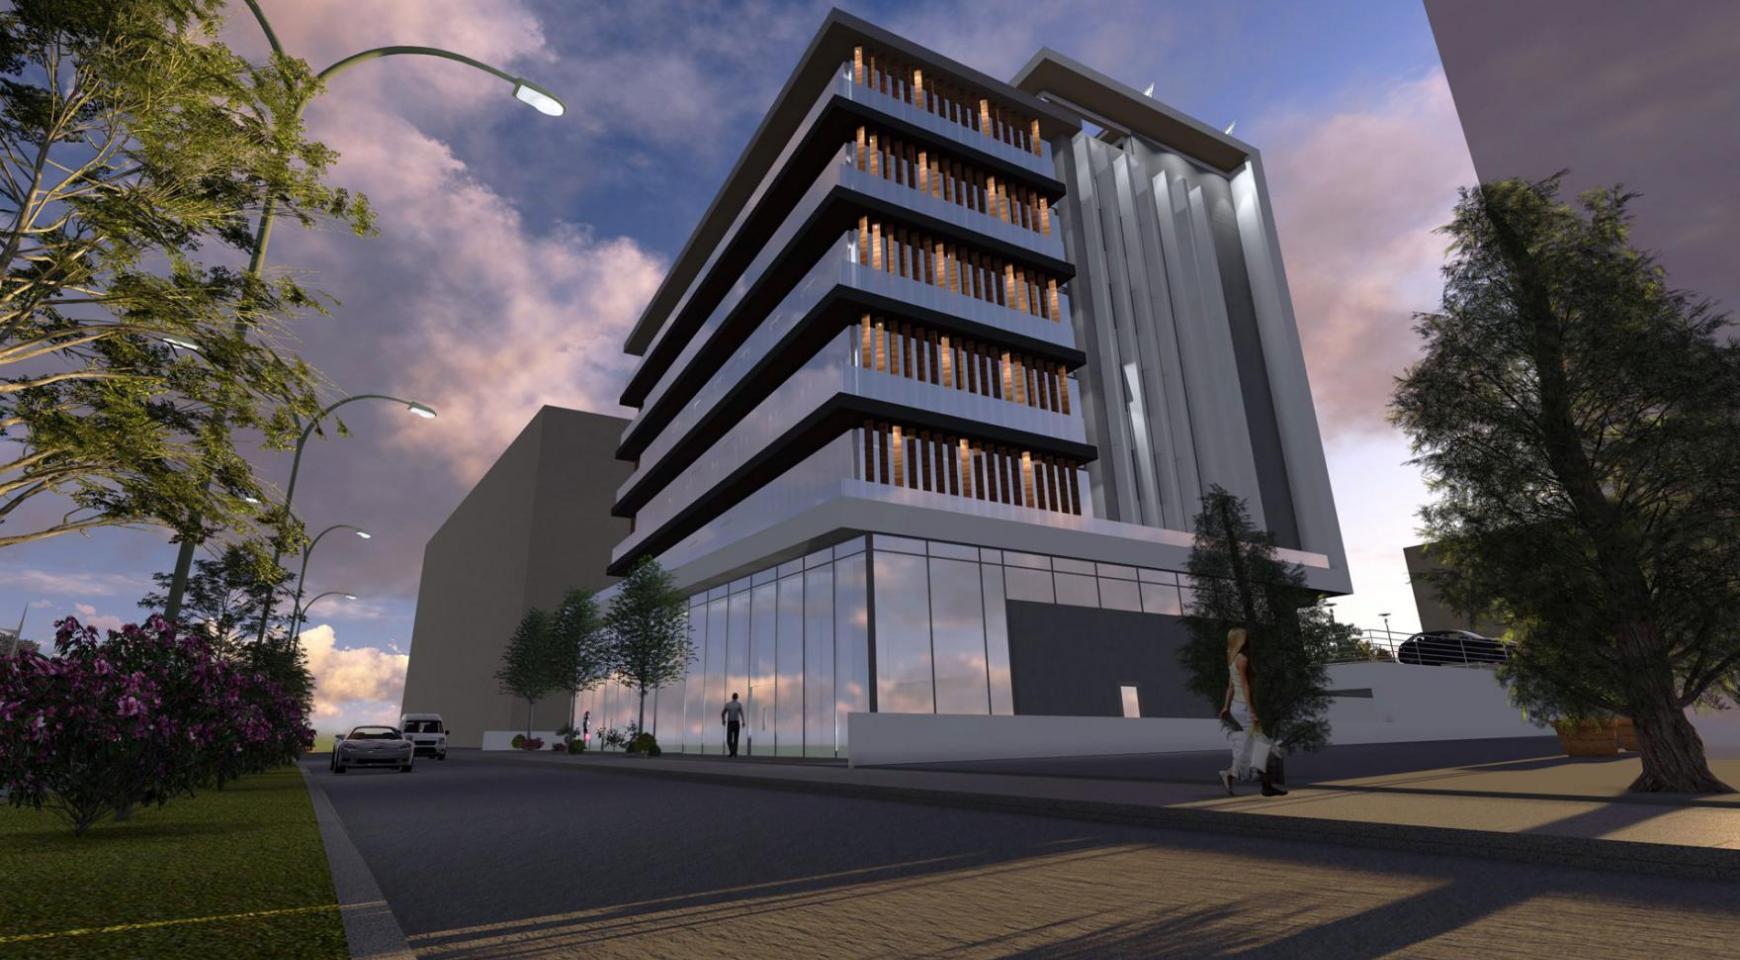 Новый Офис Класса Люкс в Престижном Расположении у Моря - 2